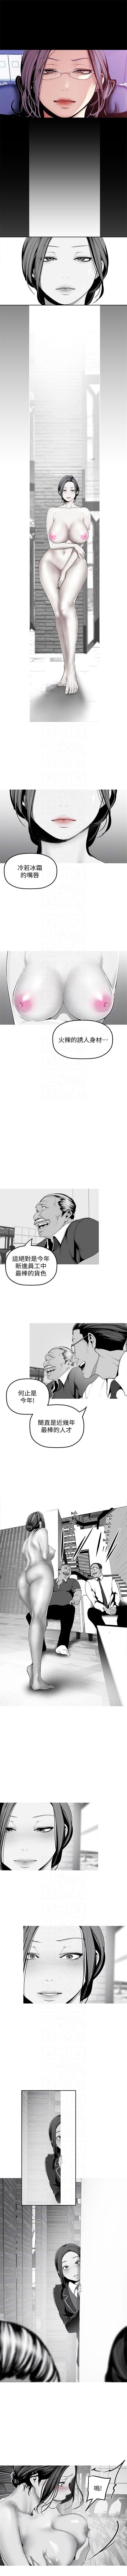 (周6)美丽新世界 1-61 中文翻译 (更新中) 337